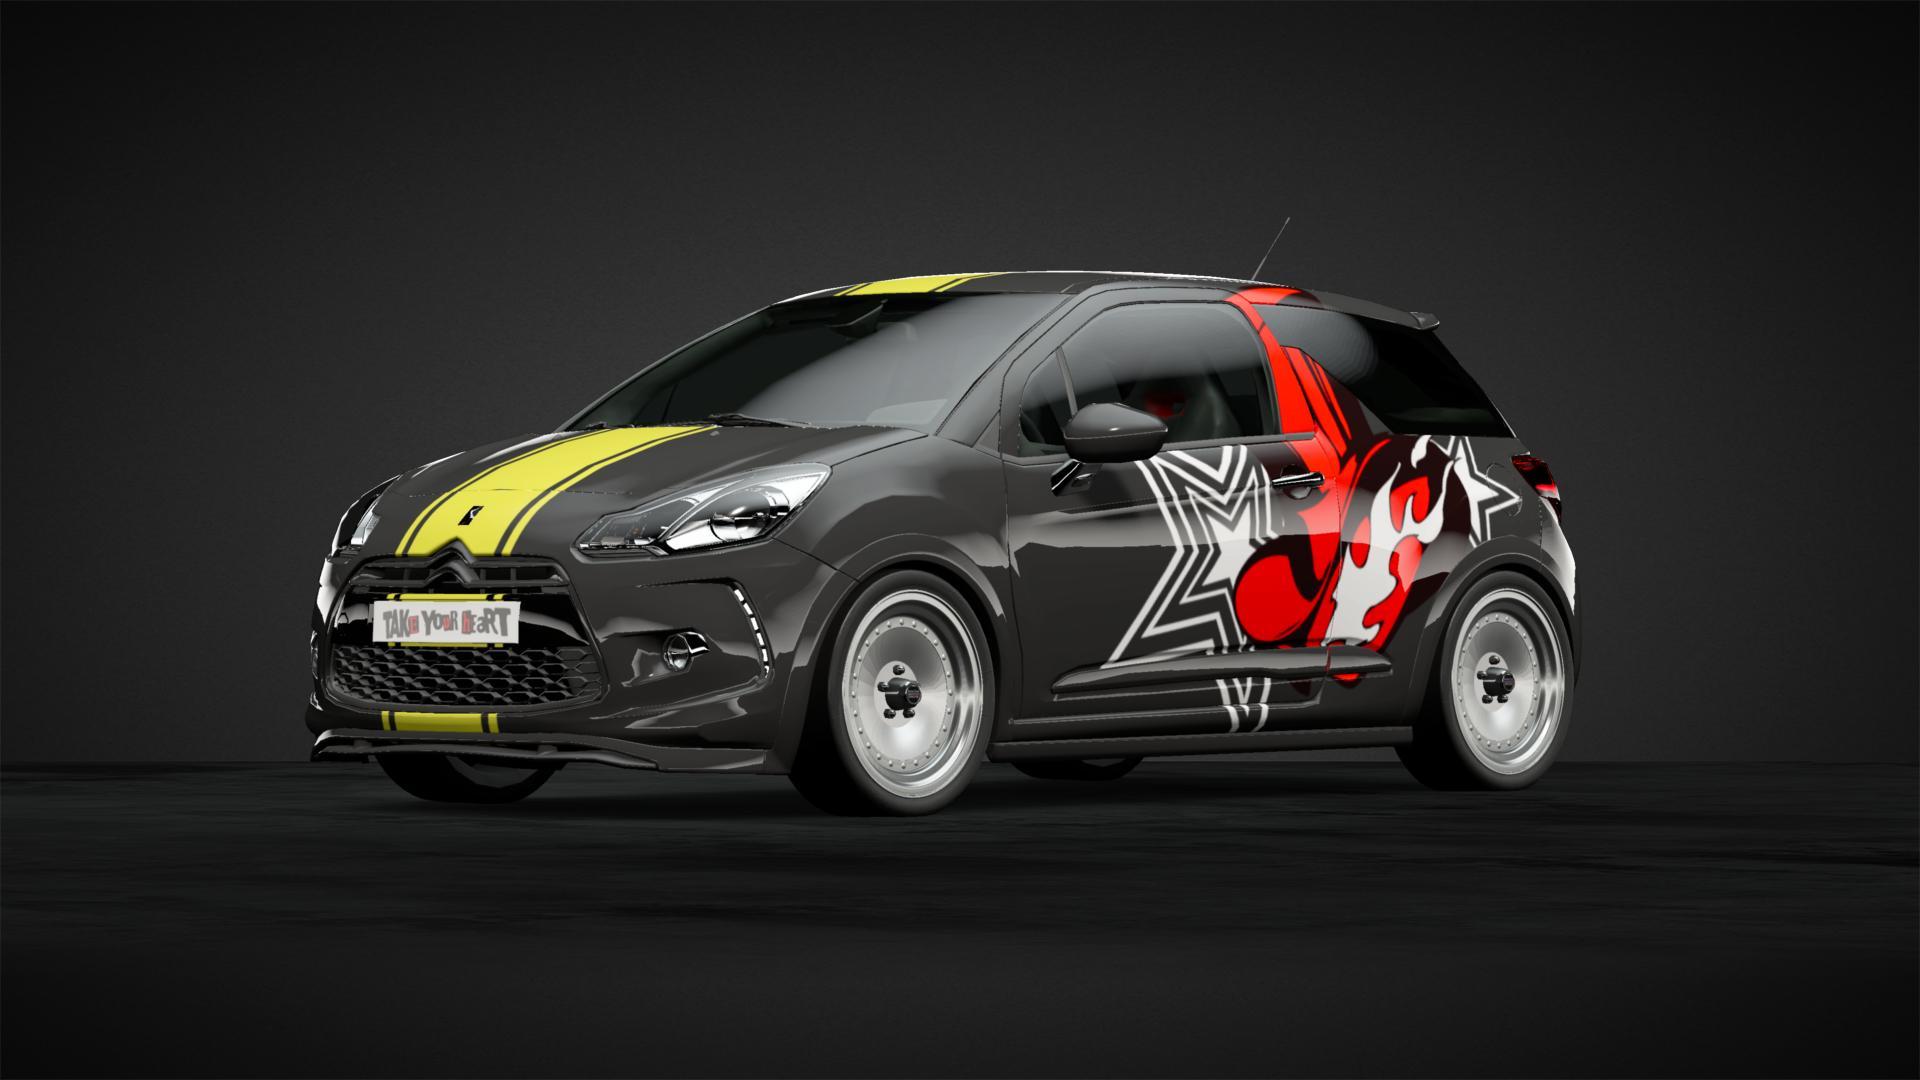 Morganabus W Thieves Logo Car Livery By FueledByMisery